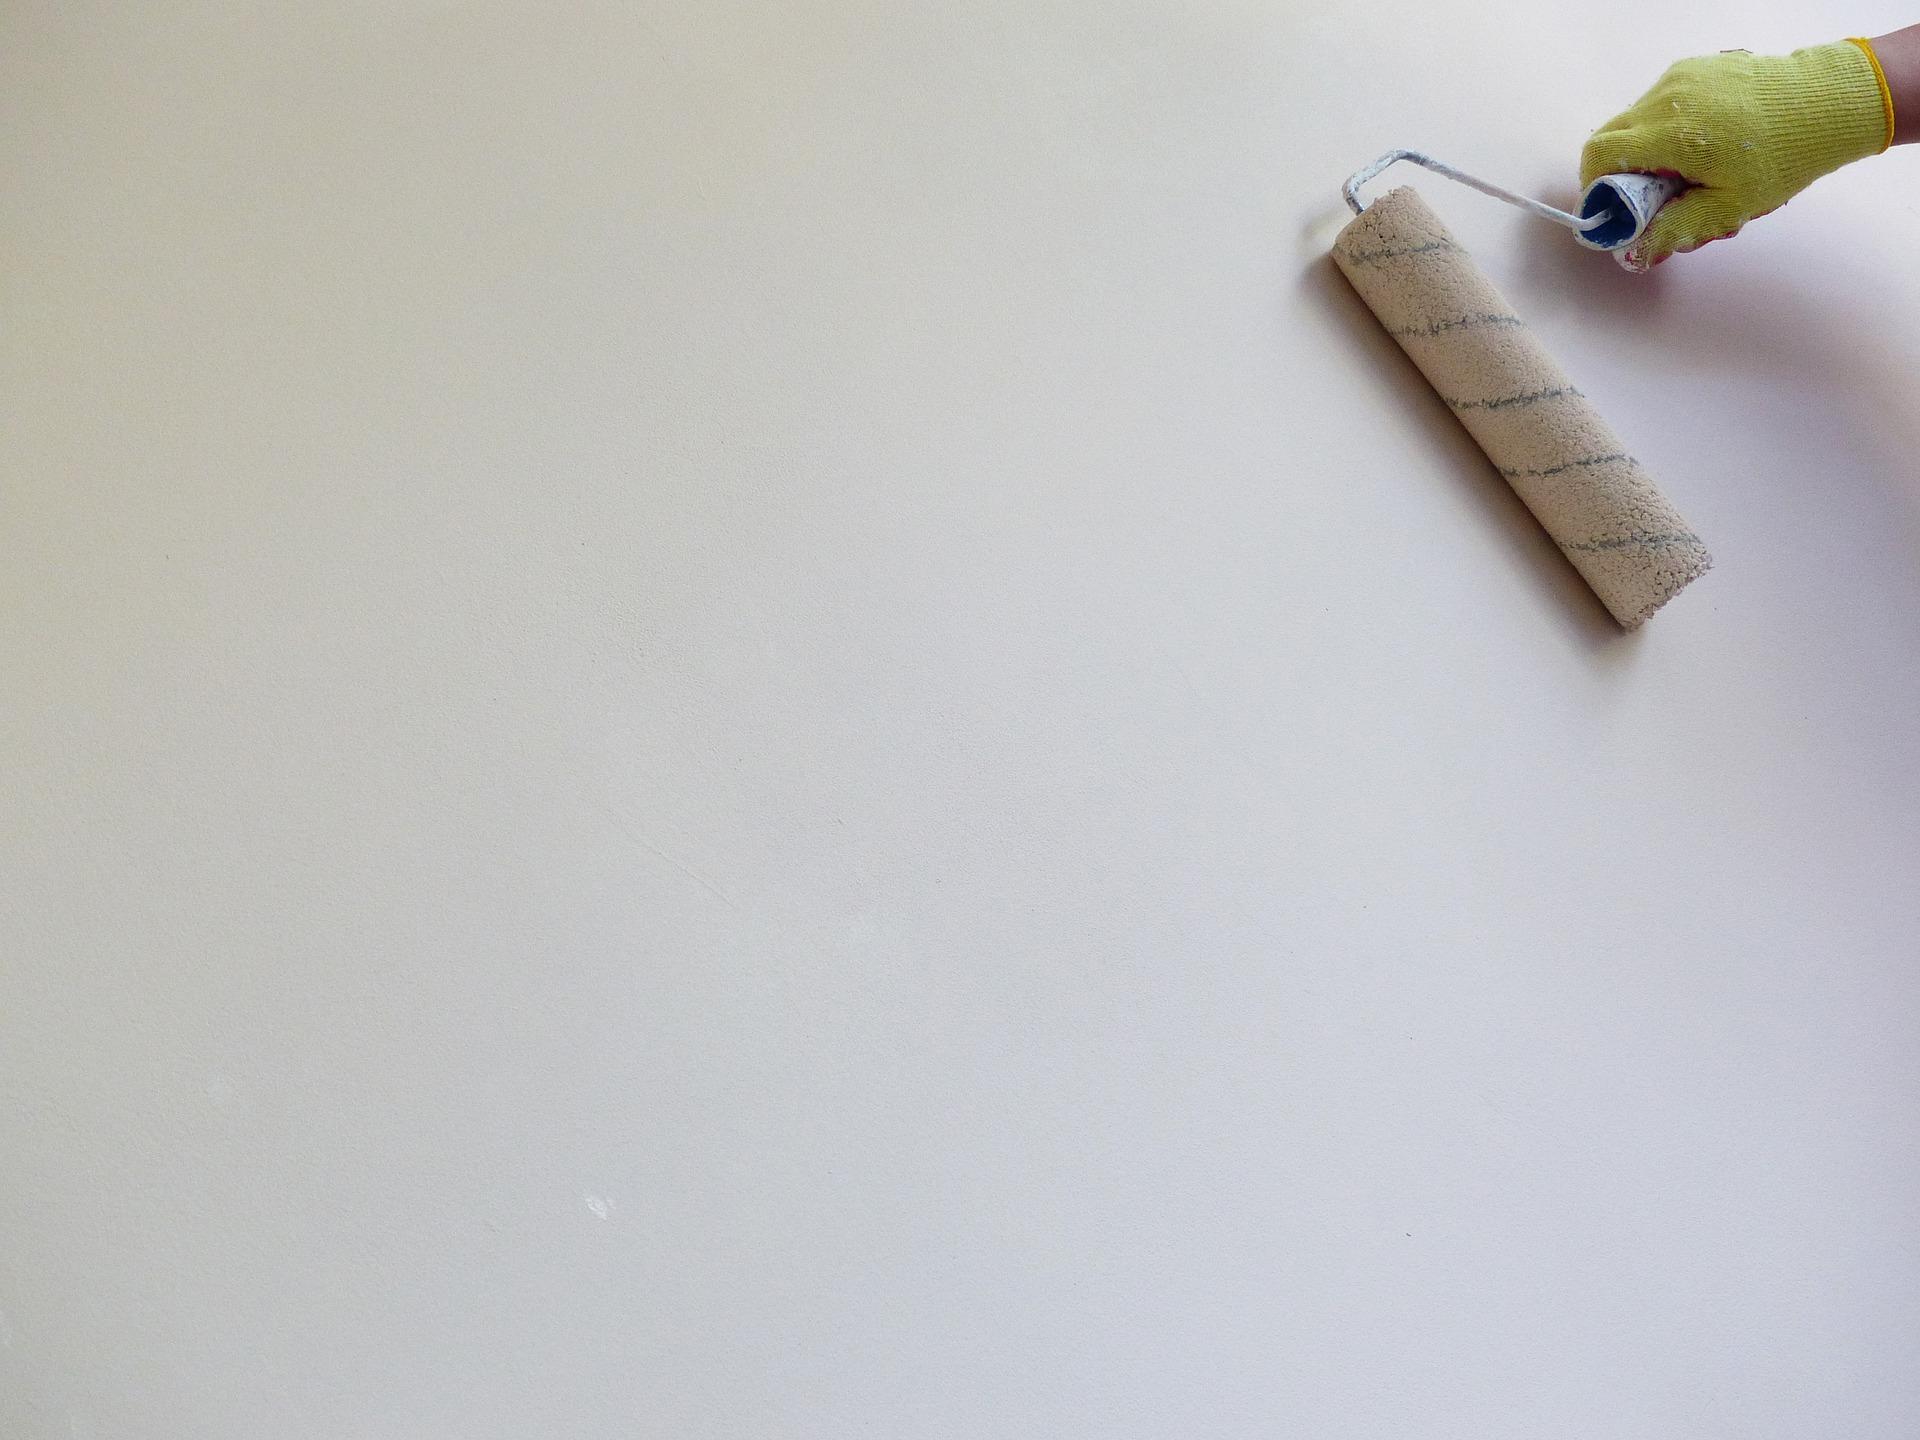 Agreable Combien De Temps Pour Peindre Une Maison De 100m2 ?